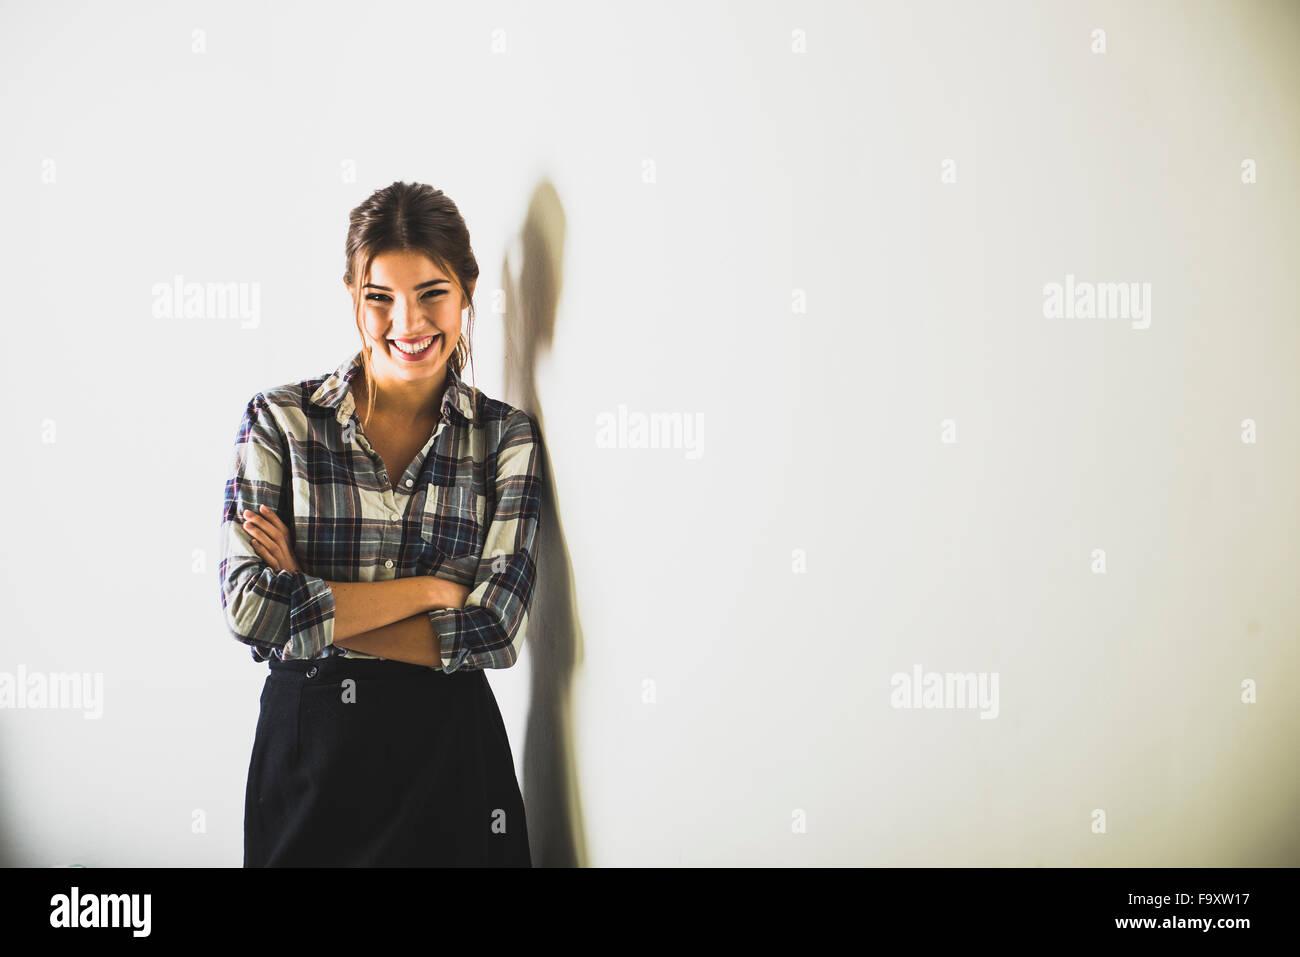 Lächelnde Brünette Frau, die an einer Wand stehend Stockbild